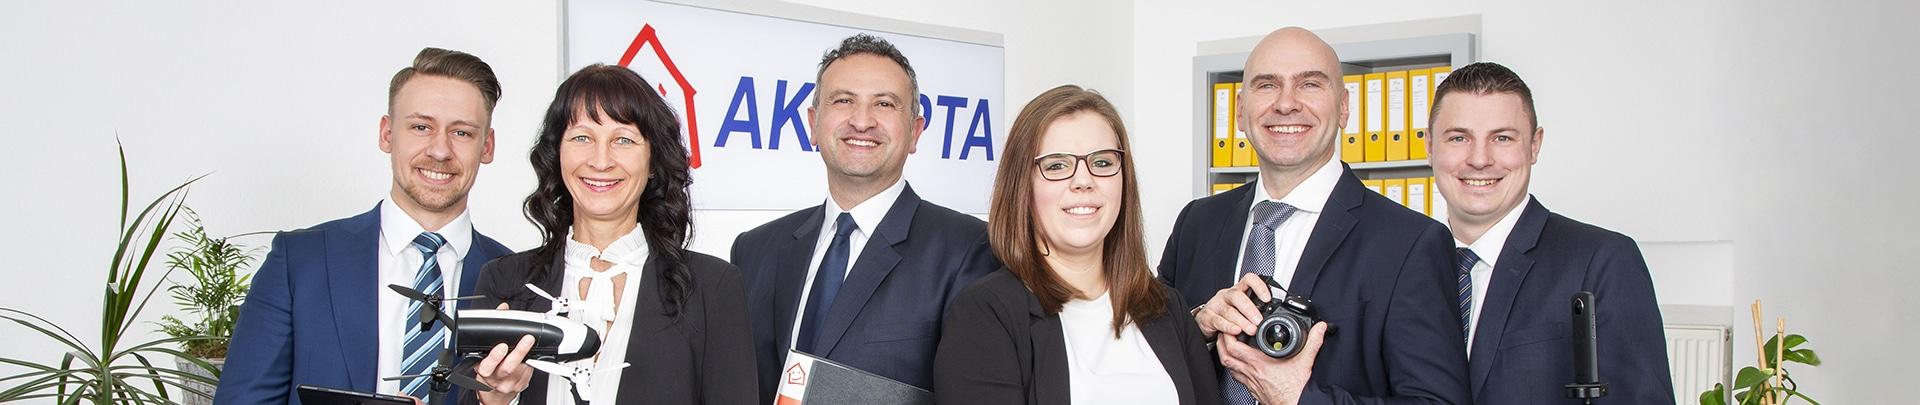 Team Akzepta